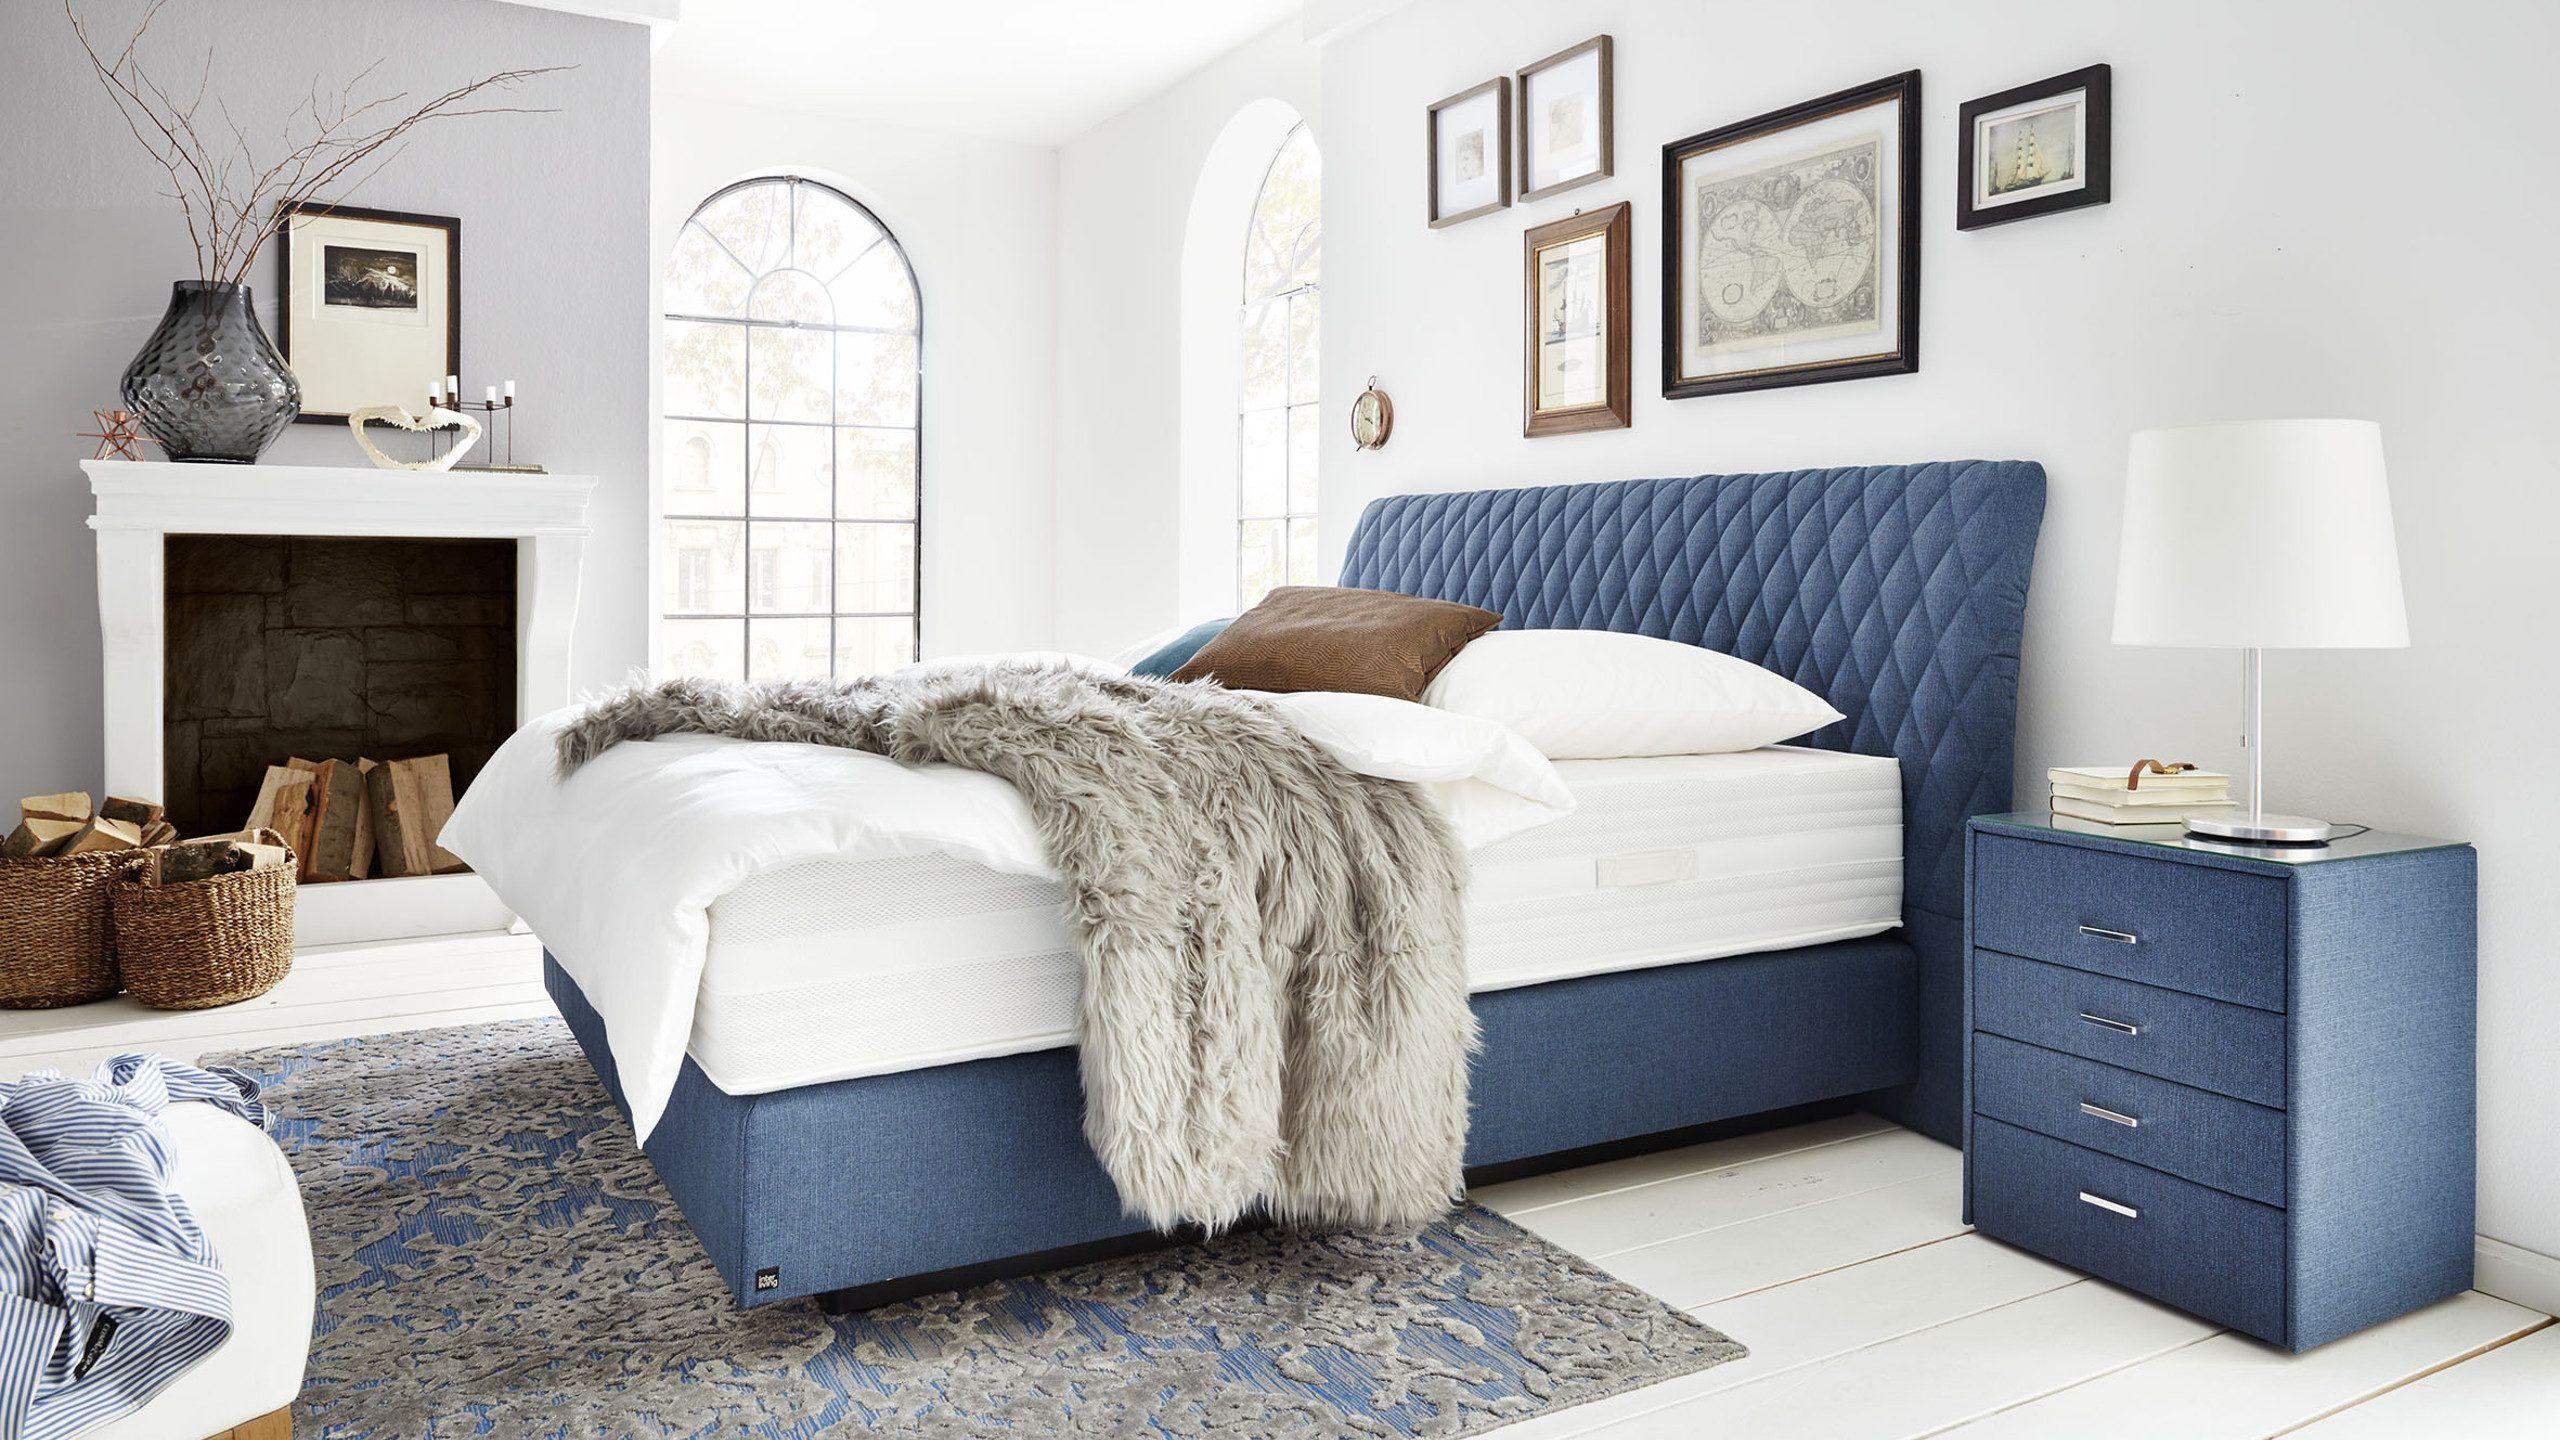 Richtig lüften im Schlafzimmer - Tipps gegen Schimmel & Gerüche in